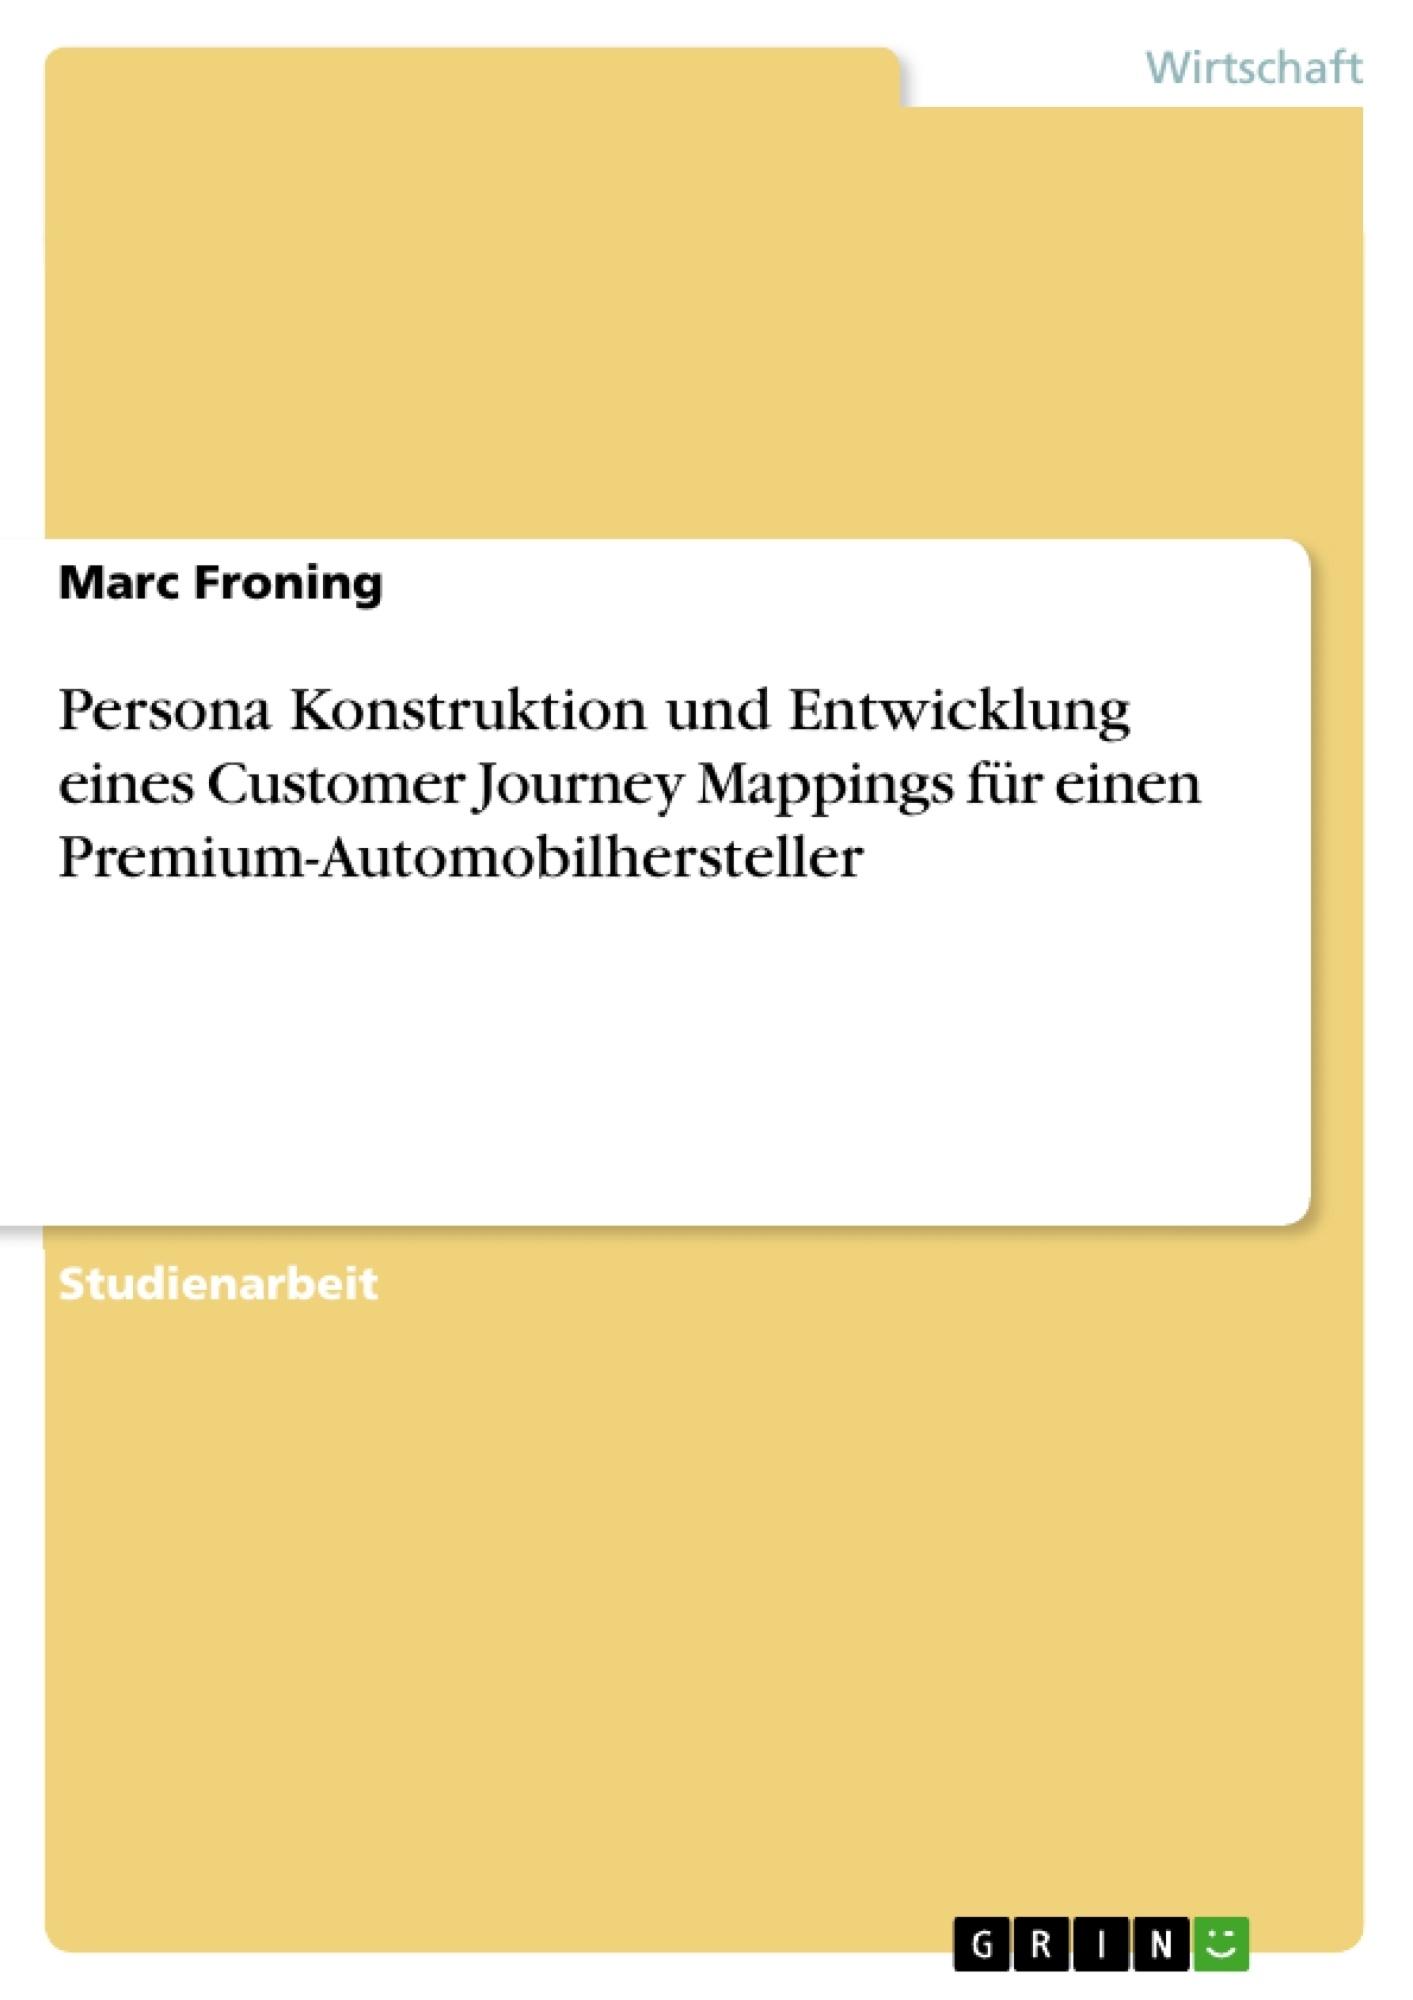 Titel: Persona Konstruktion und Entwicklung eines Customer Journey Mappings für einen Premium-Automobilhersteller